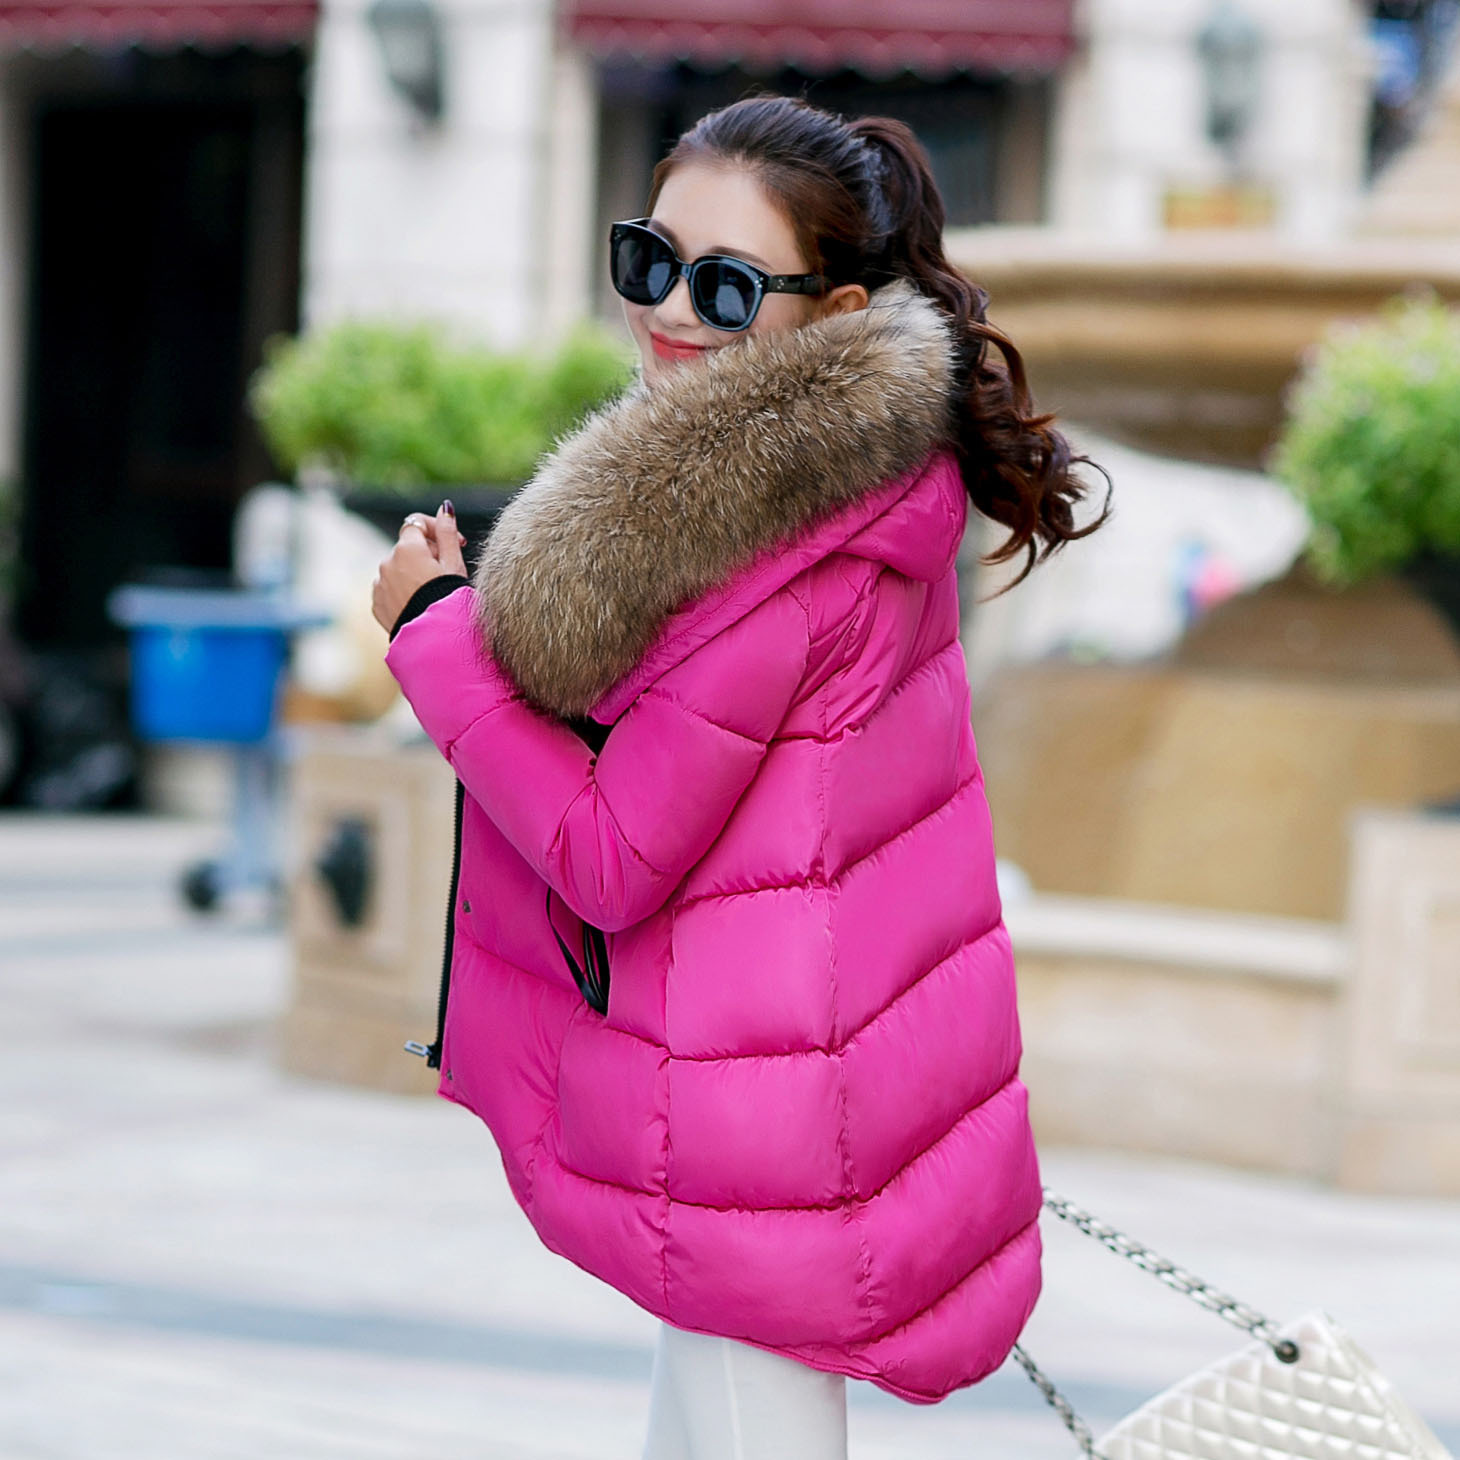 冬装羽绒棉服女韩版中长款连帽大毛领大码加厚女装斗篷棉衣外套潮